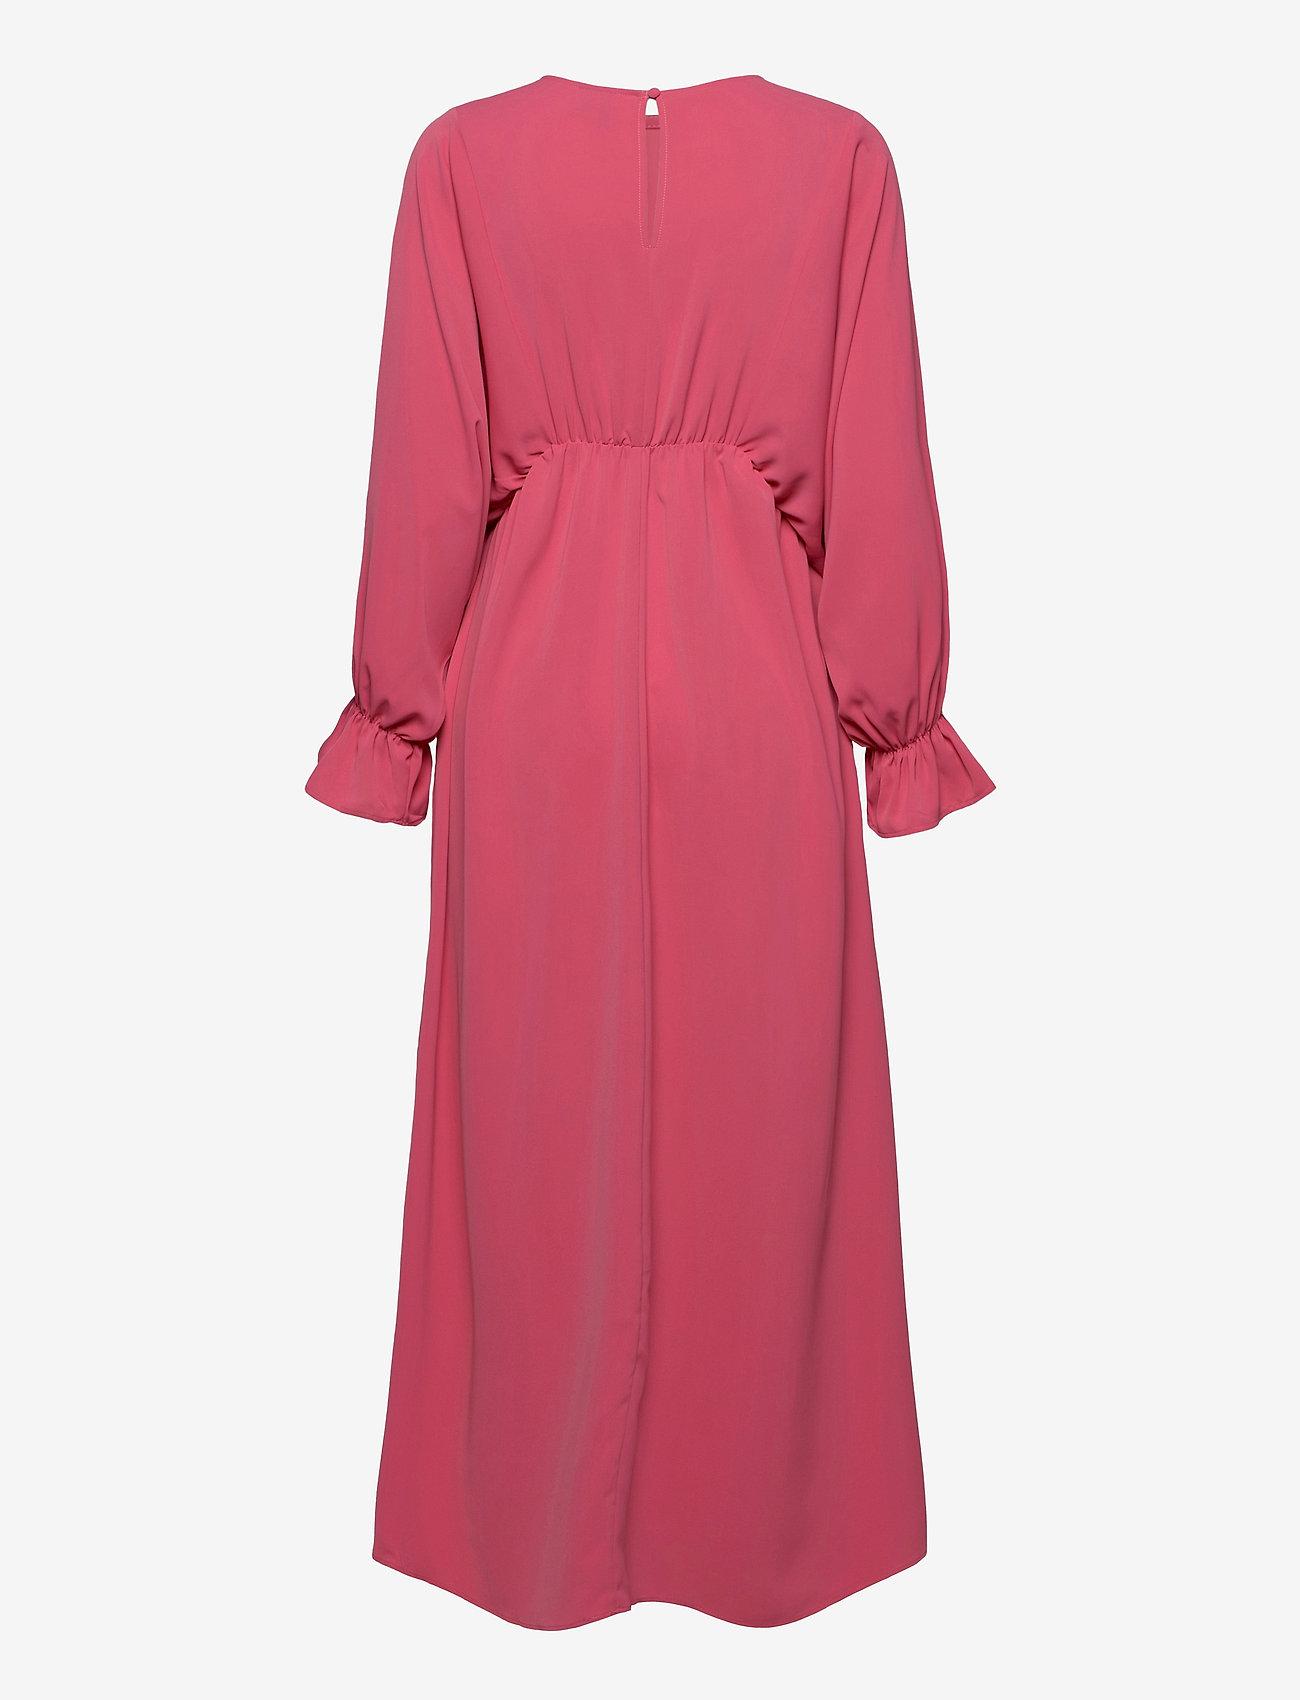 Vero Moda - VMALLY WIDE L/S ANKLE DRESS EXP - midiklänningar - hot pink - 1